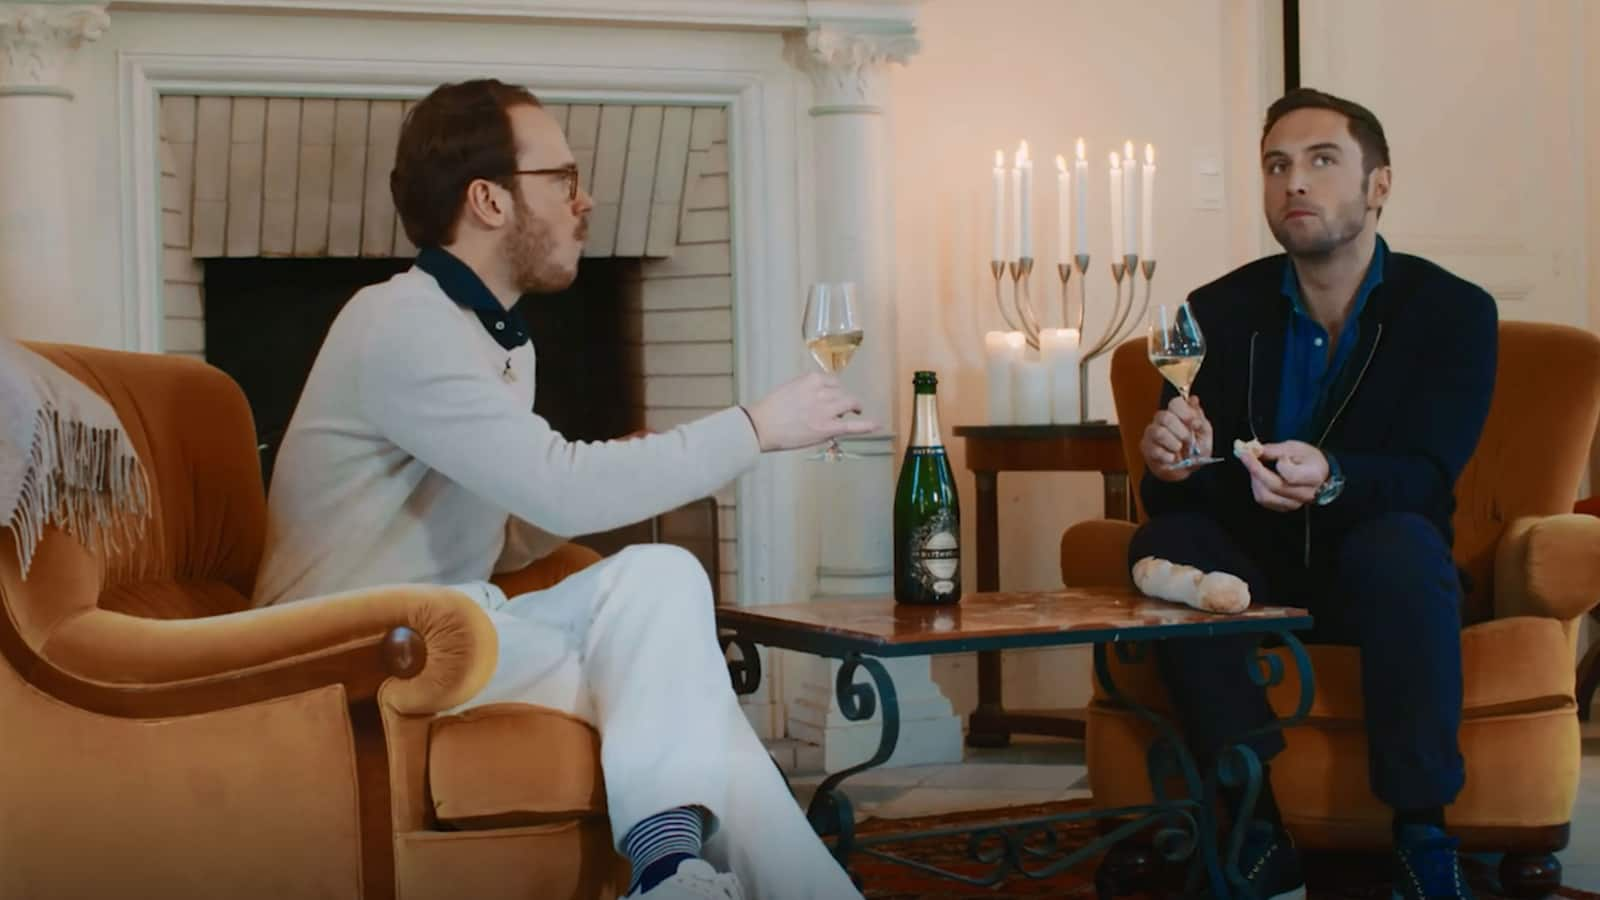 cd2eeee1b8ef Chevaleresk - Säsong 2 - Avsnitt 8 - TV-serier online - Viaplay.se